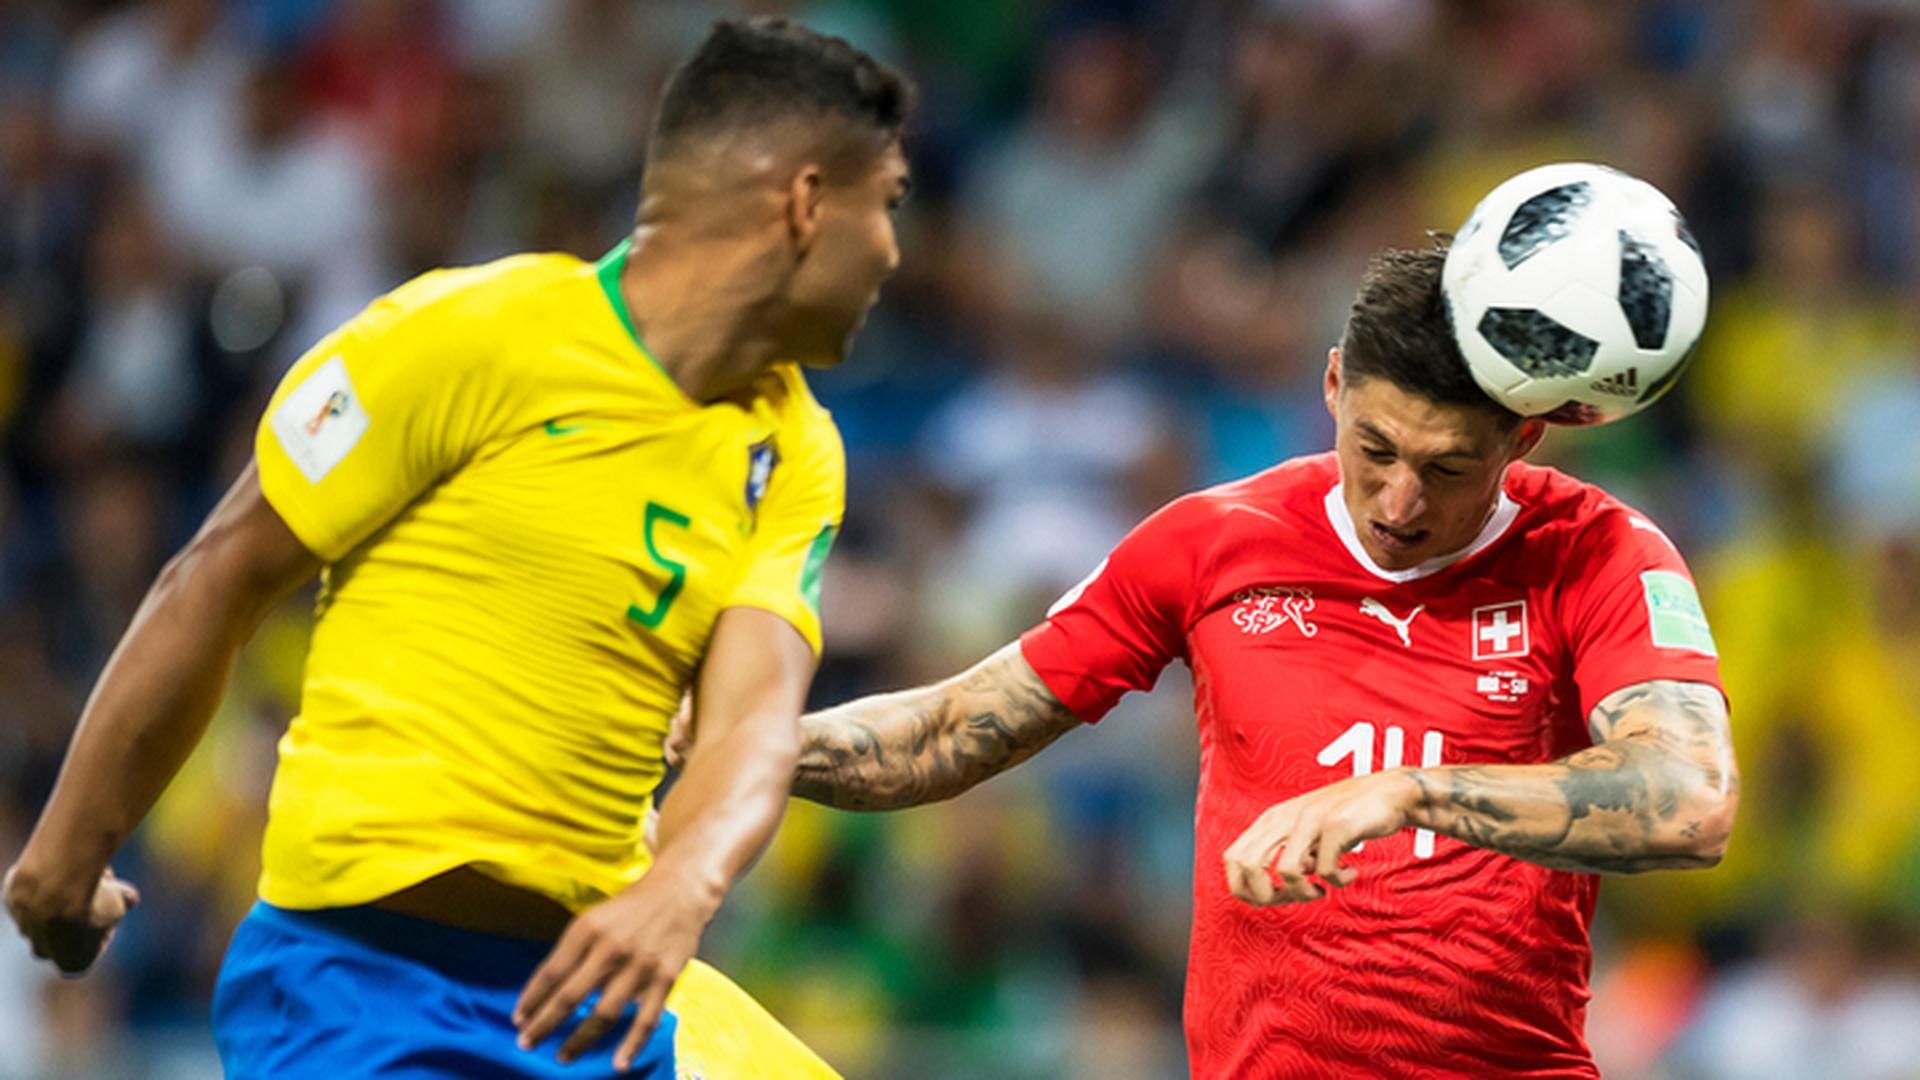 Сборная Бразилии сыграла вничью с командой Швейцарии